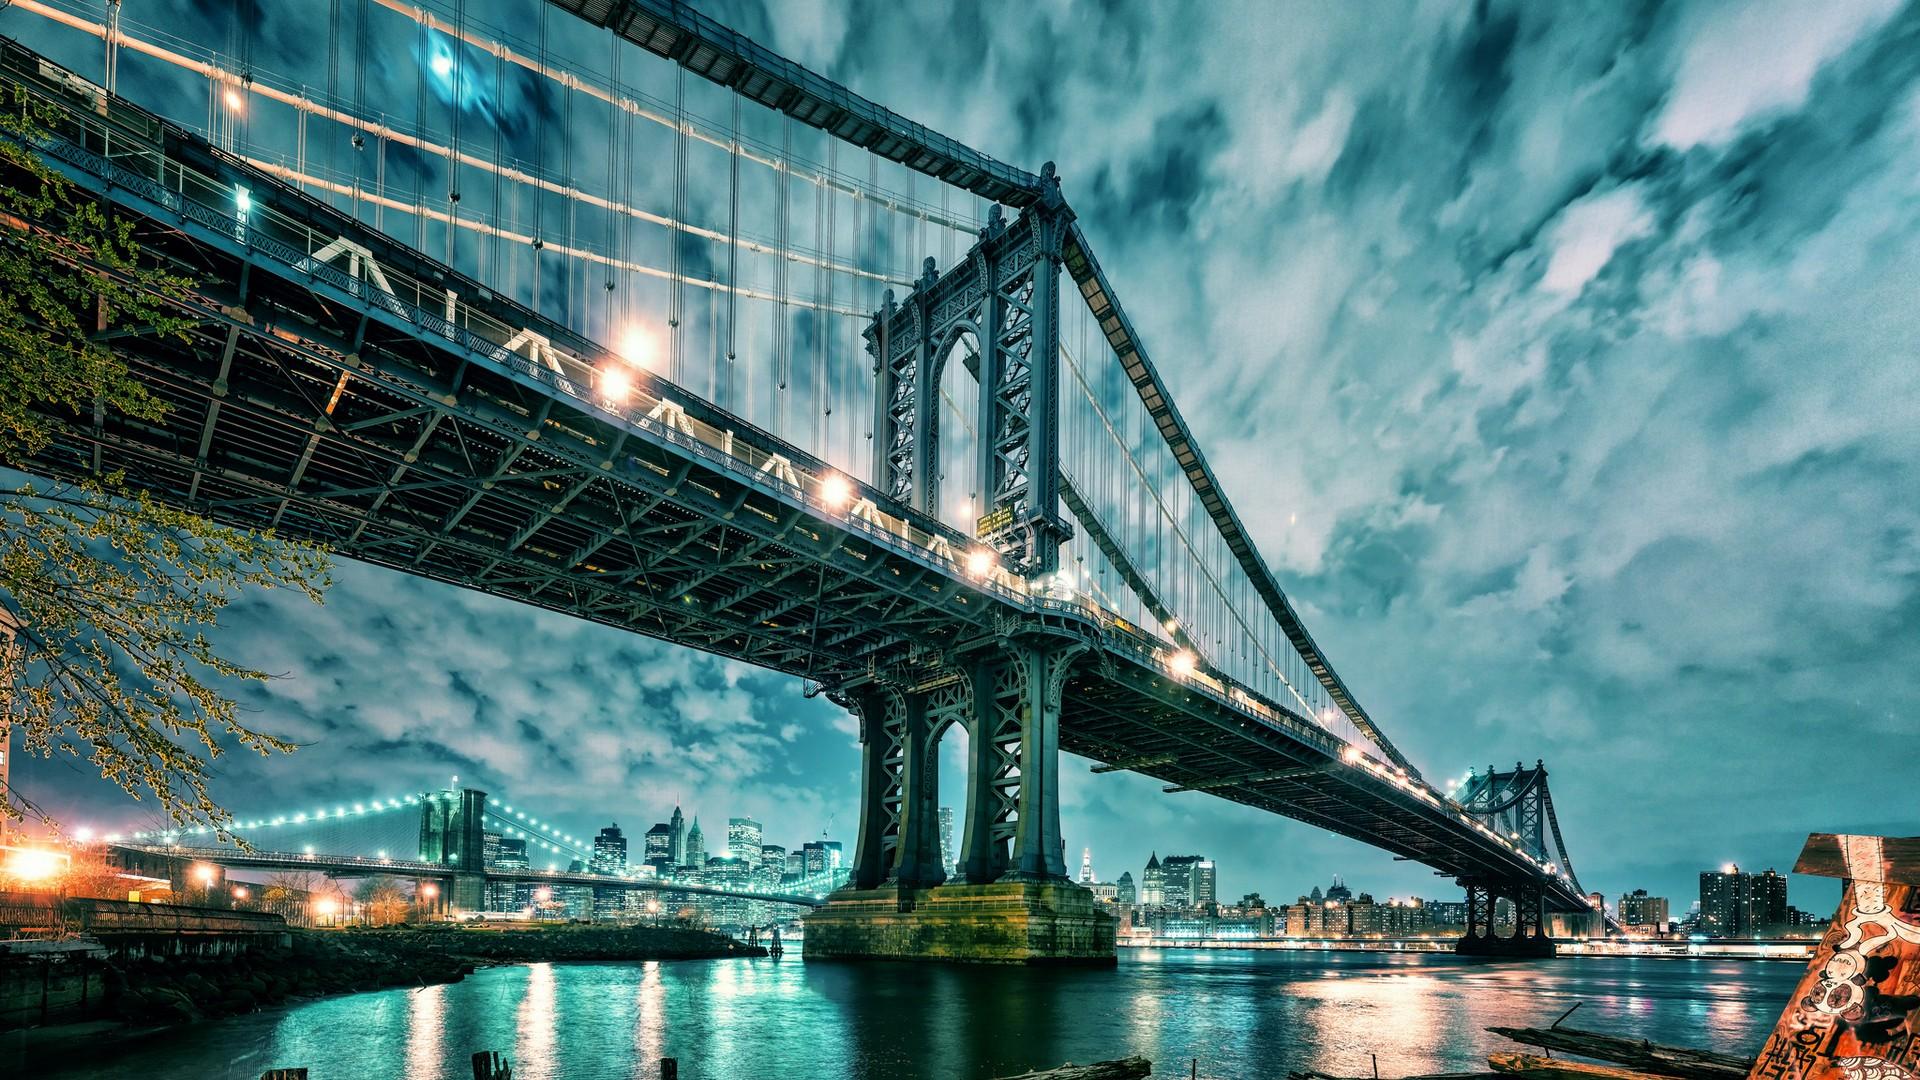 выкладывает завидной картинки на рабочий стол бруклинский мост его, можно понять